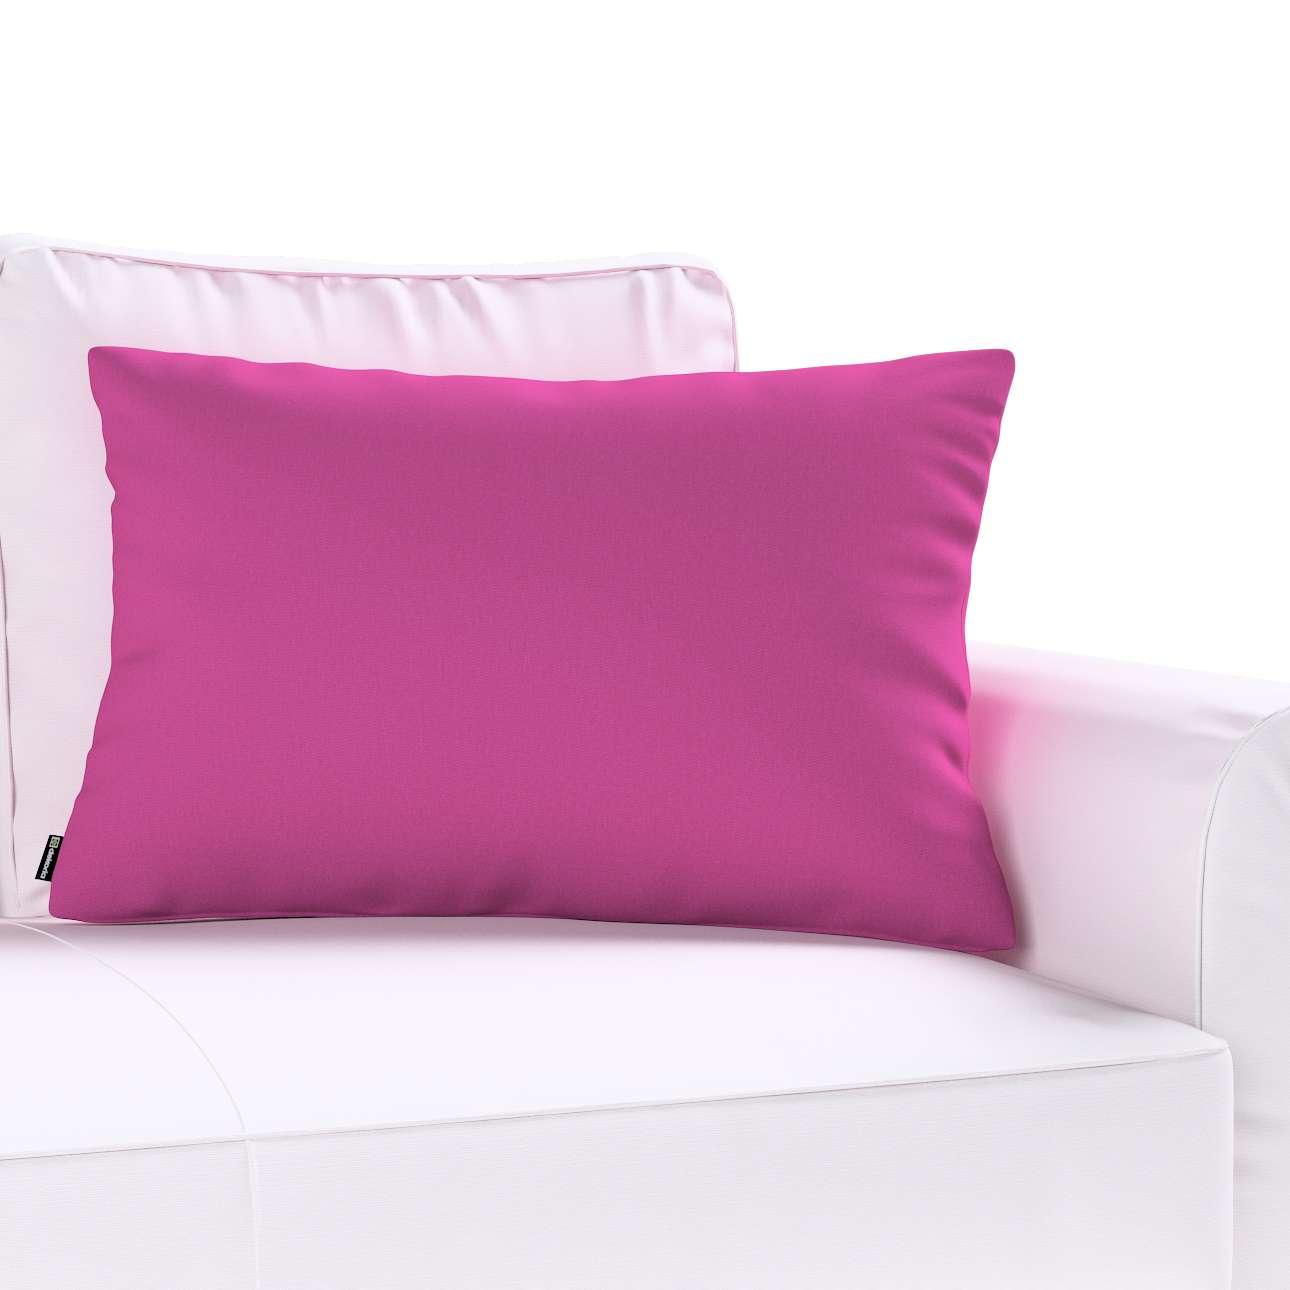 Poszewka Kinga na poduszkę prostokątną 60 x 40 cm w kolekcji Etna , tkanina: 705-23